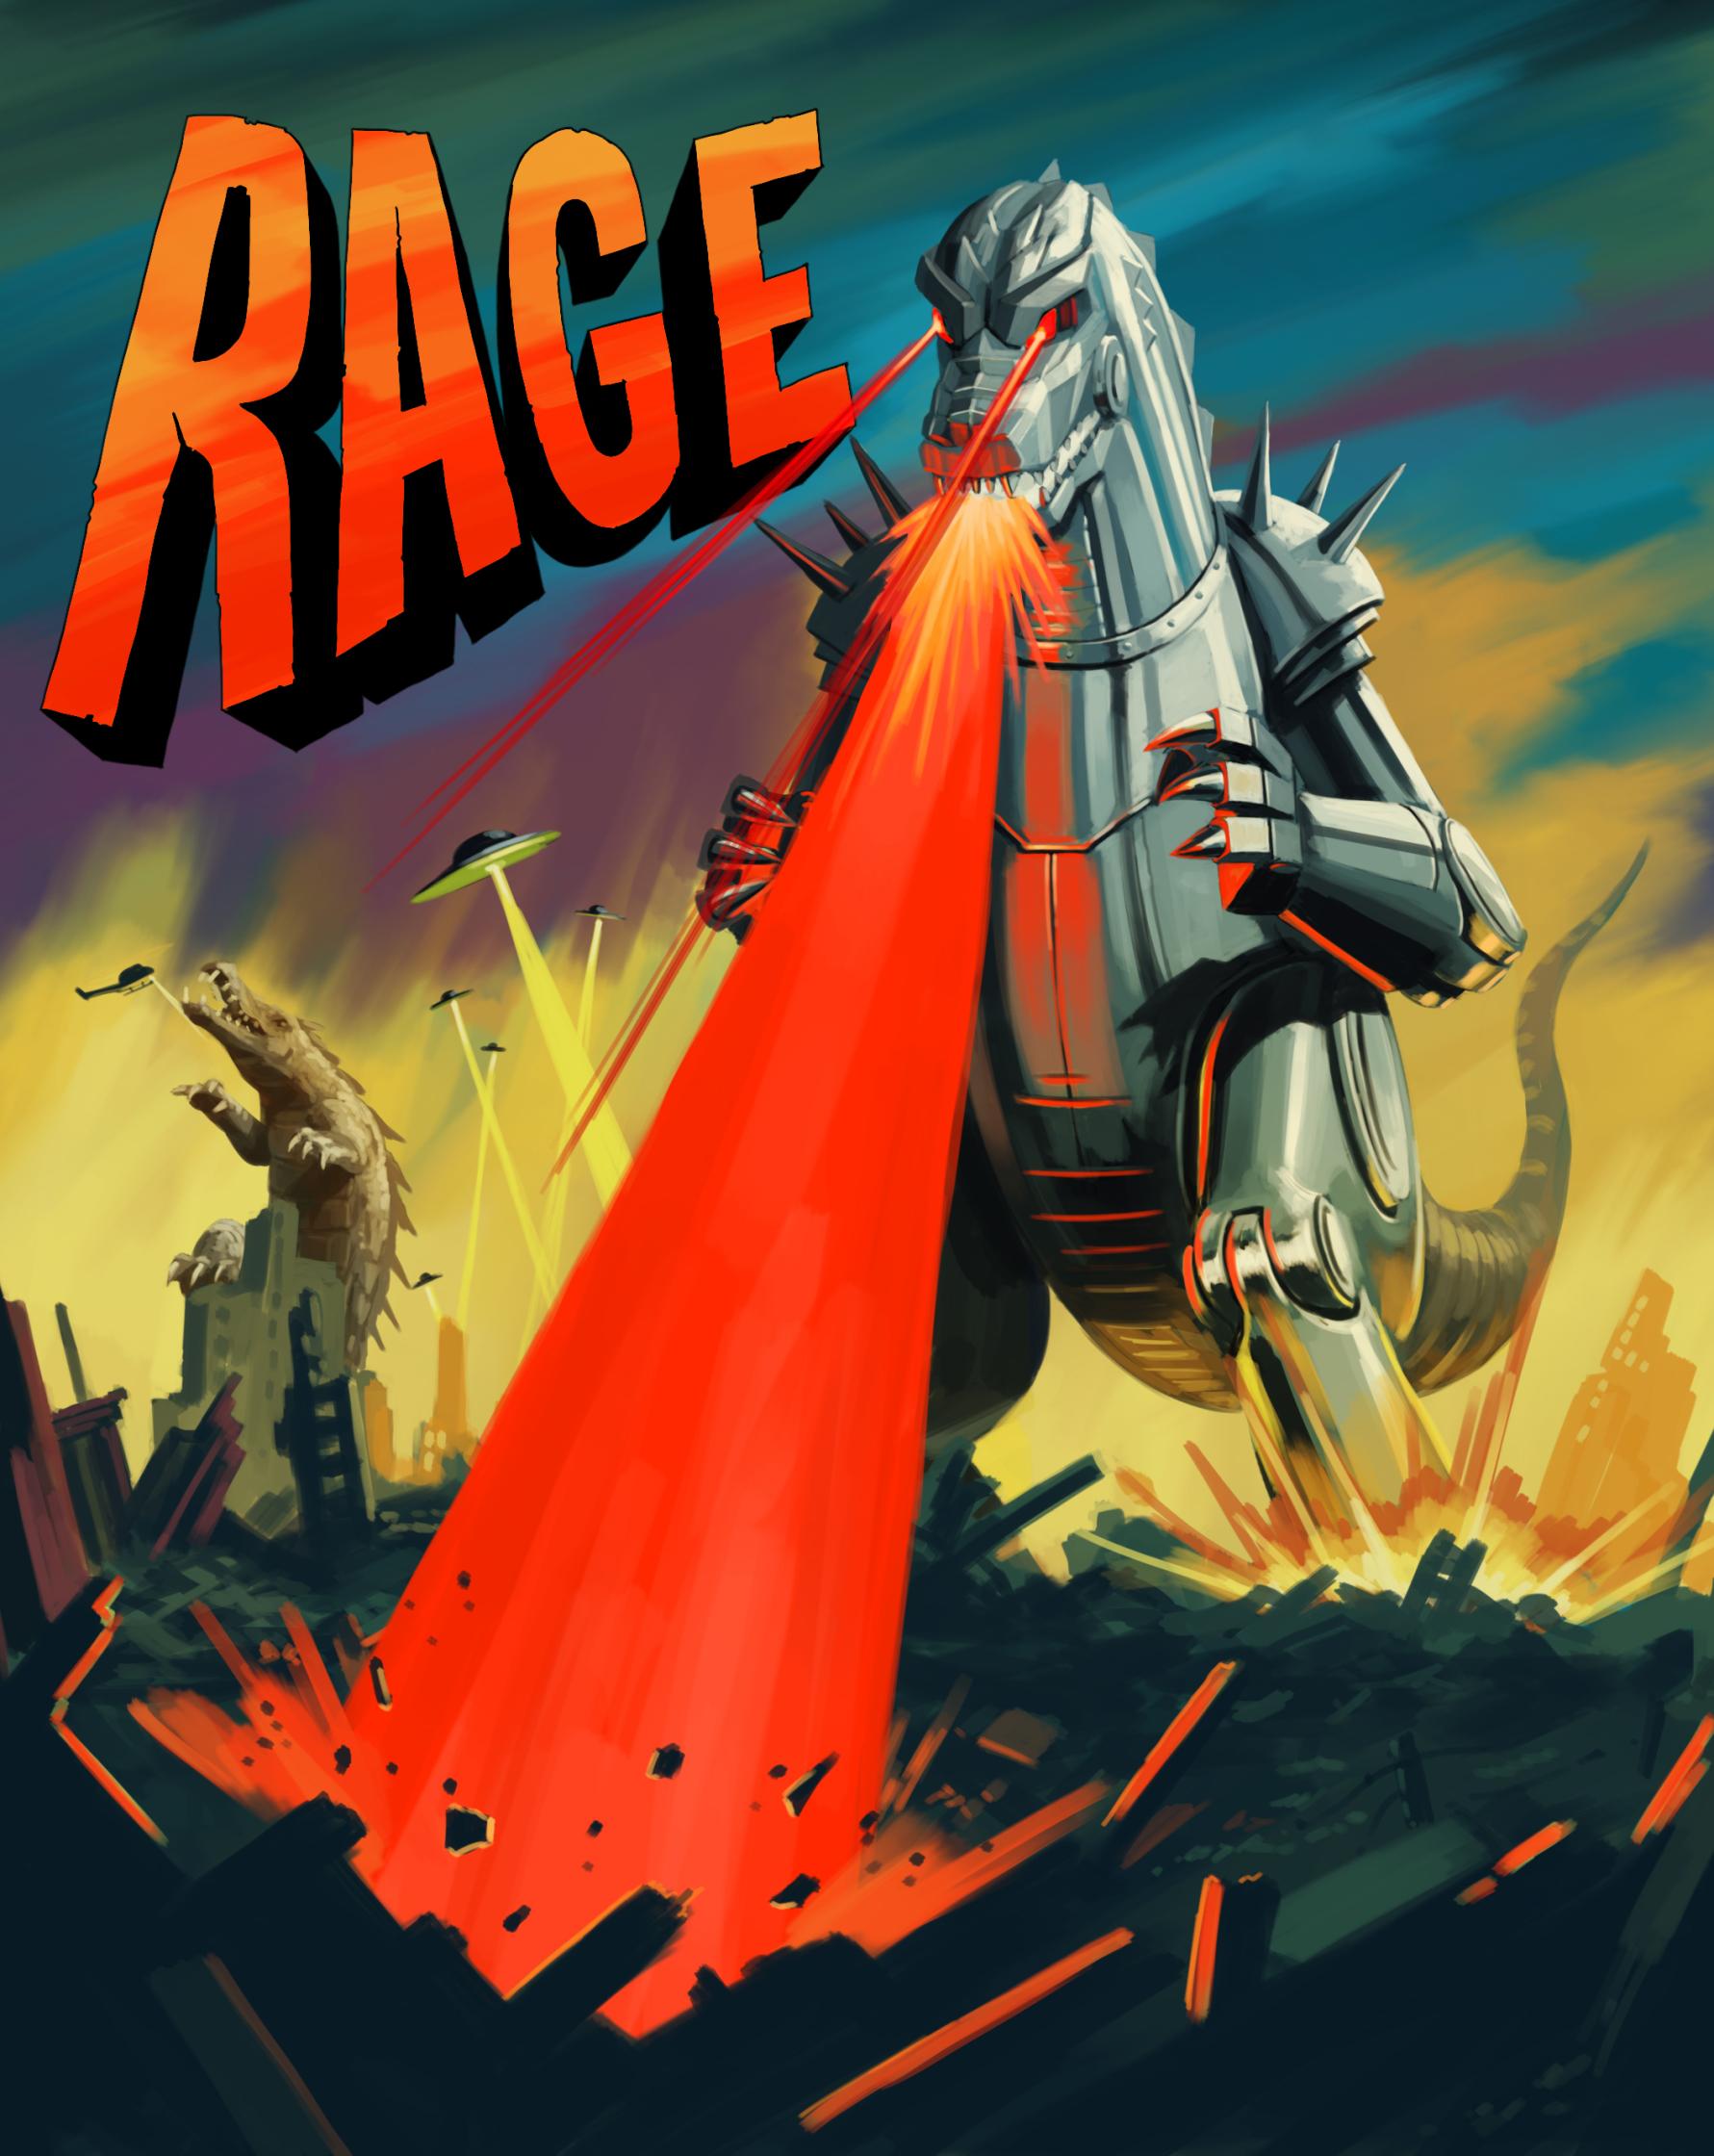 RagefinalCrop.jpg